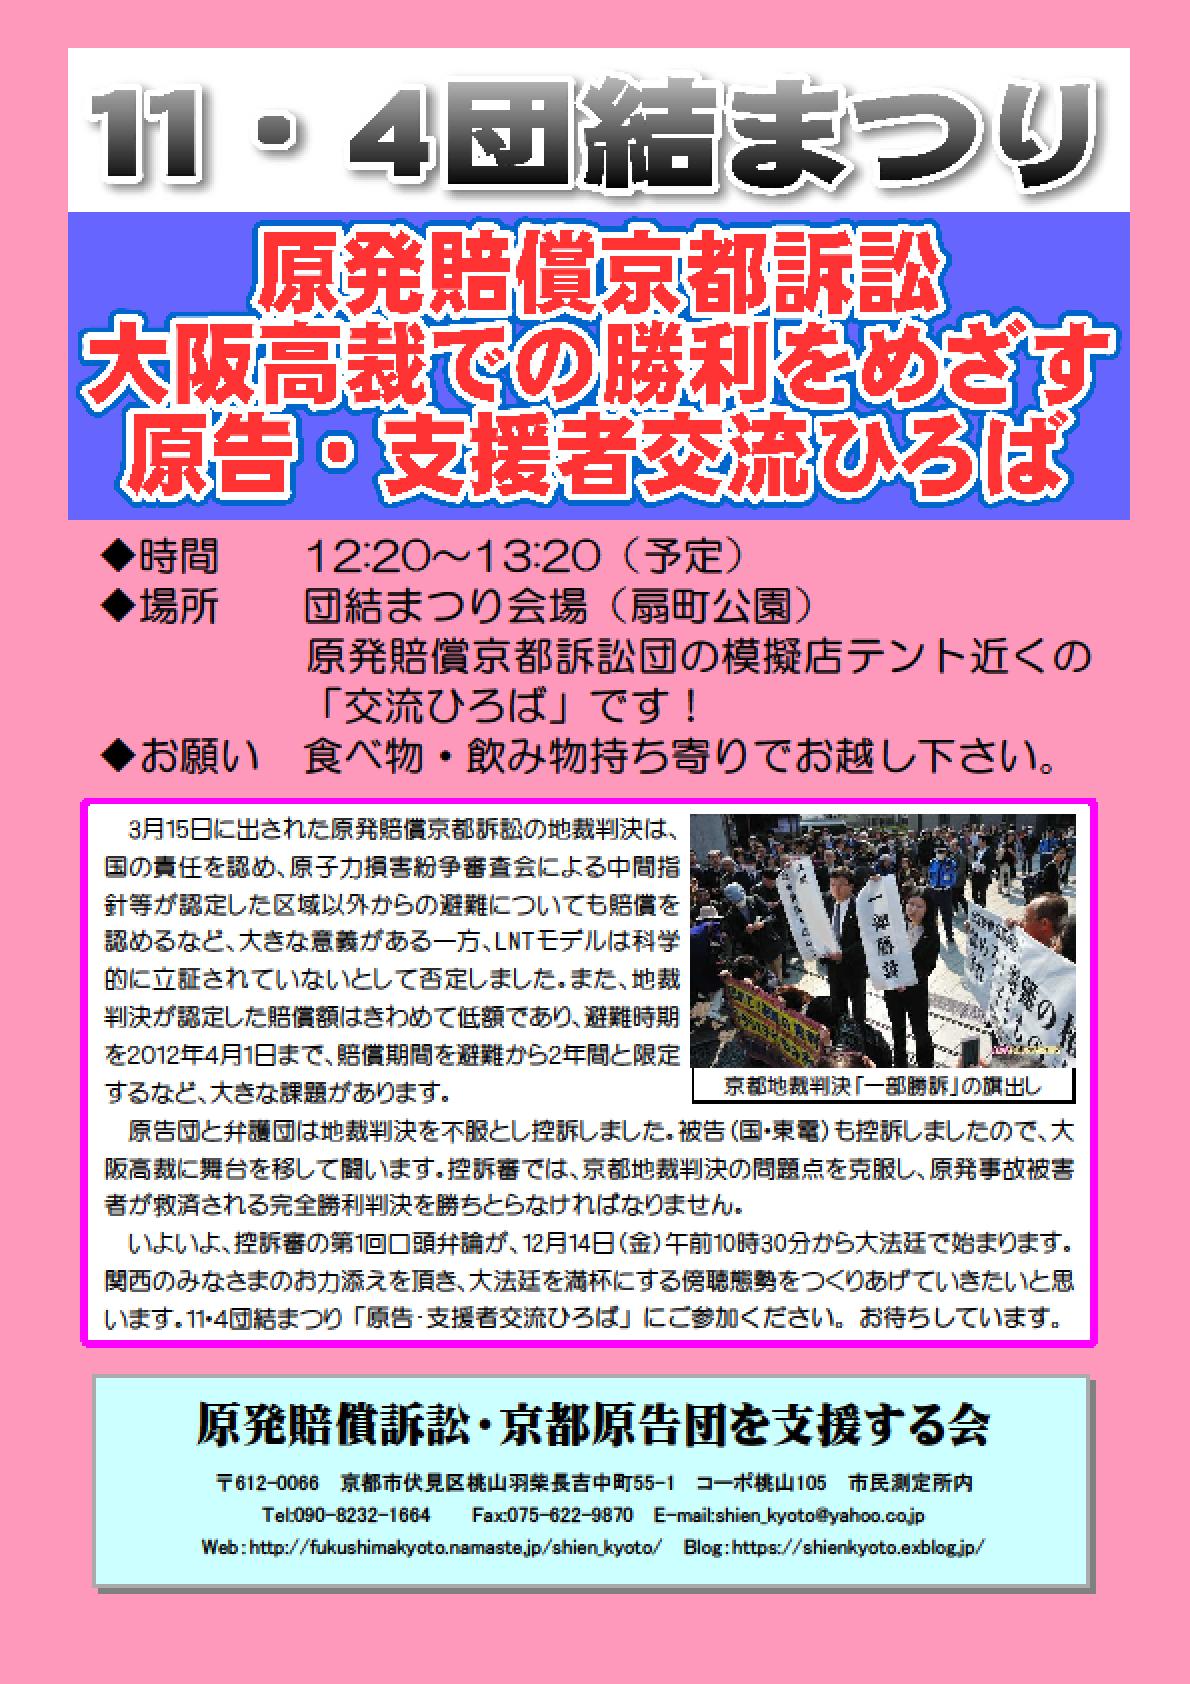 【ご案内】原発賠償京都訴訟団の11月の取り組みにご参加ください!_e0391248_00340001.png